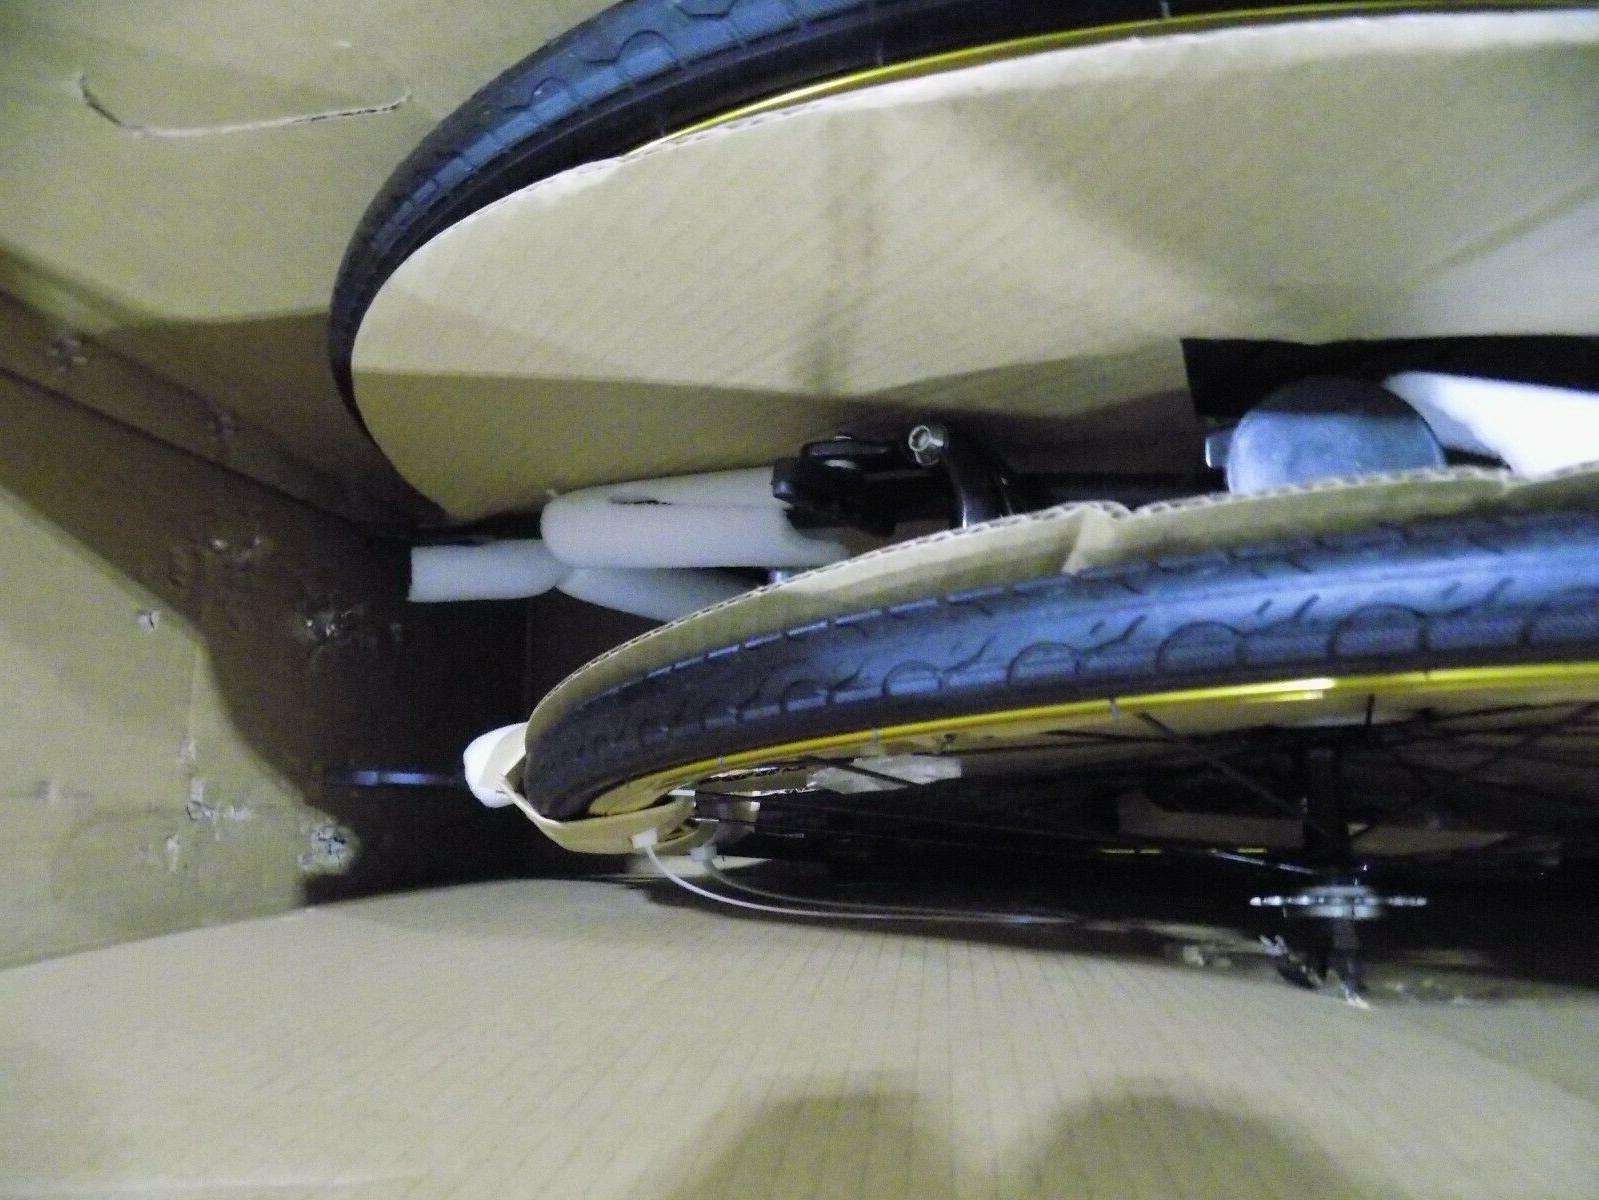 6KU Nebula Fixed Gear Bike